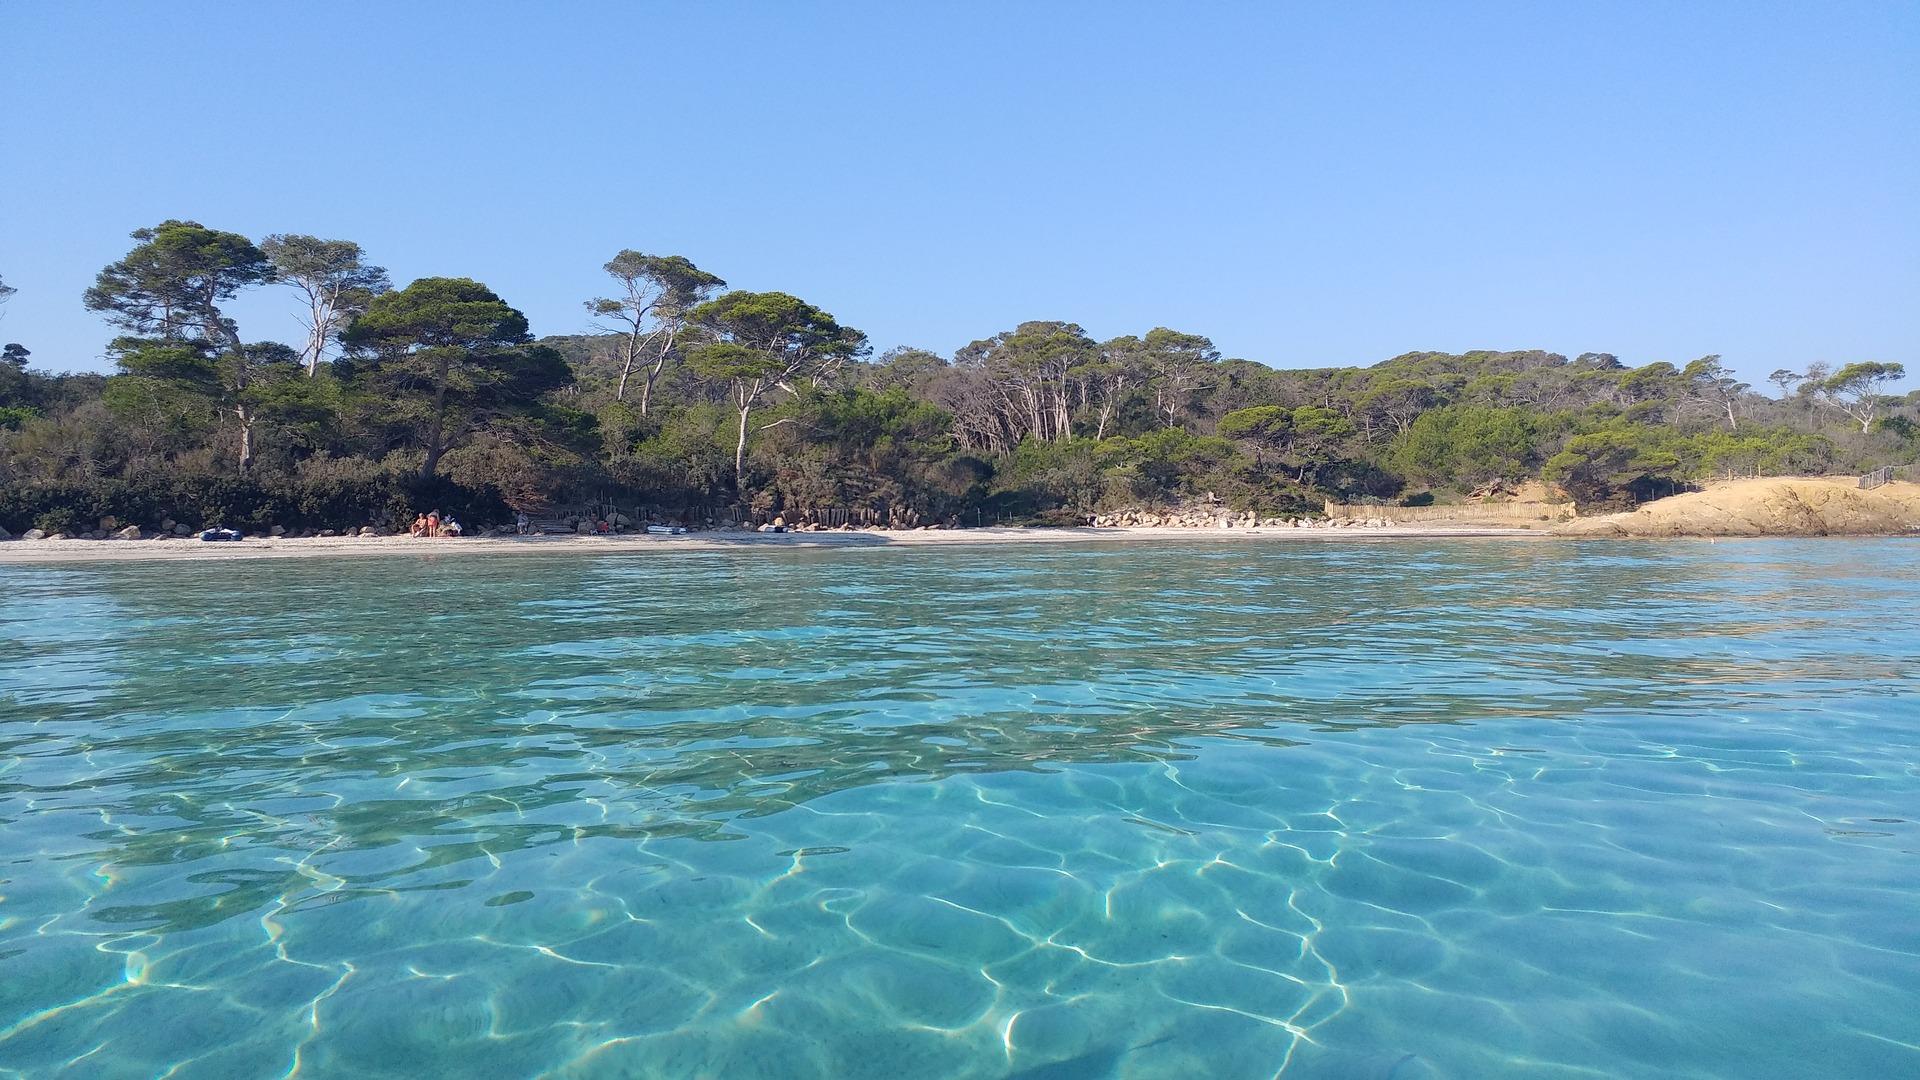 L'île de Porquerolle : un joyau de la Méditerranée  Si vous cherchez un camping avec piscine, le Site de Gorge Vent vous conviendra